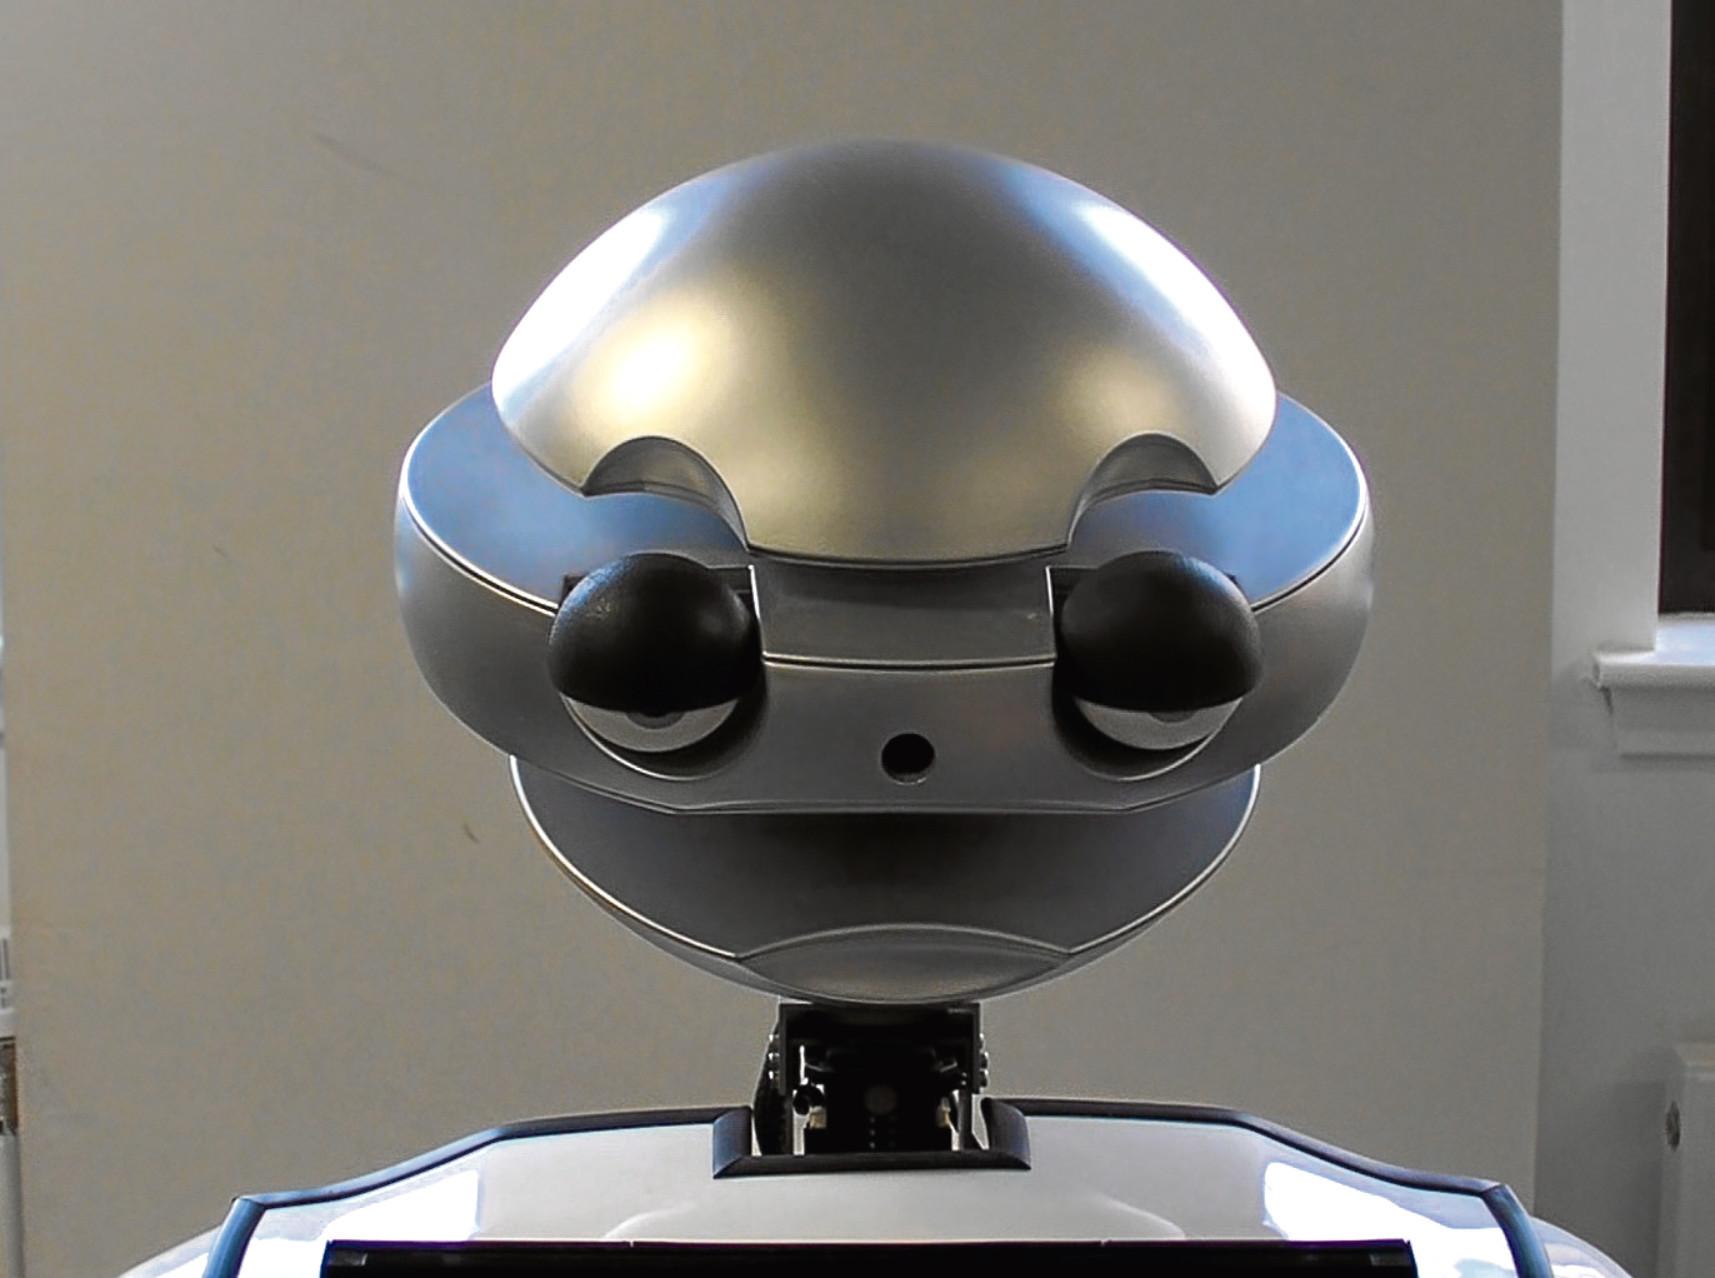 An EMYS robot